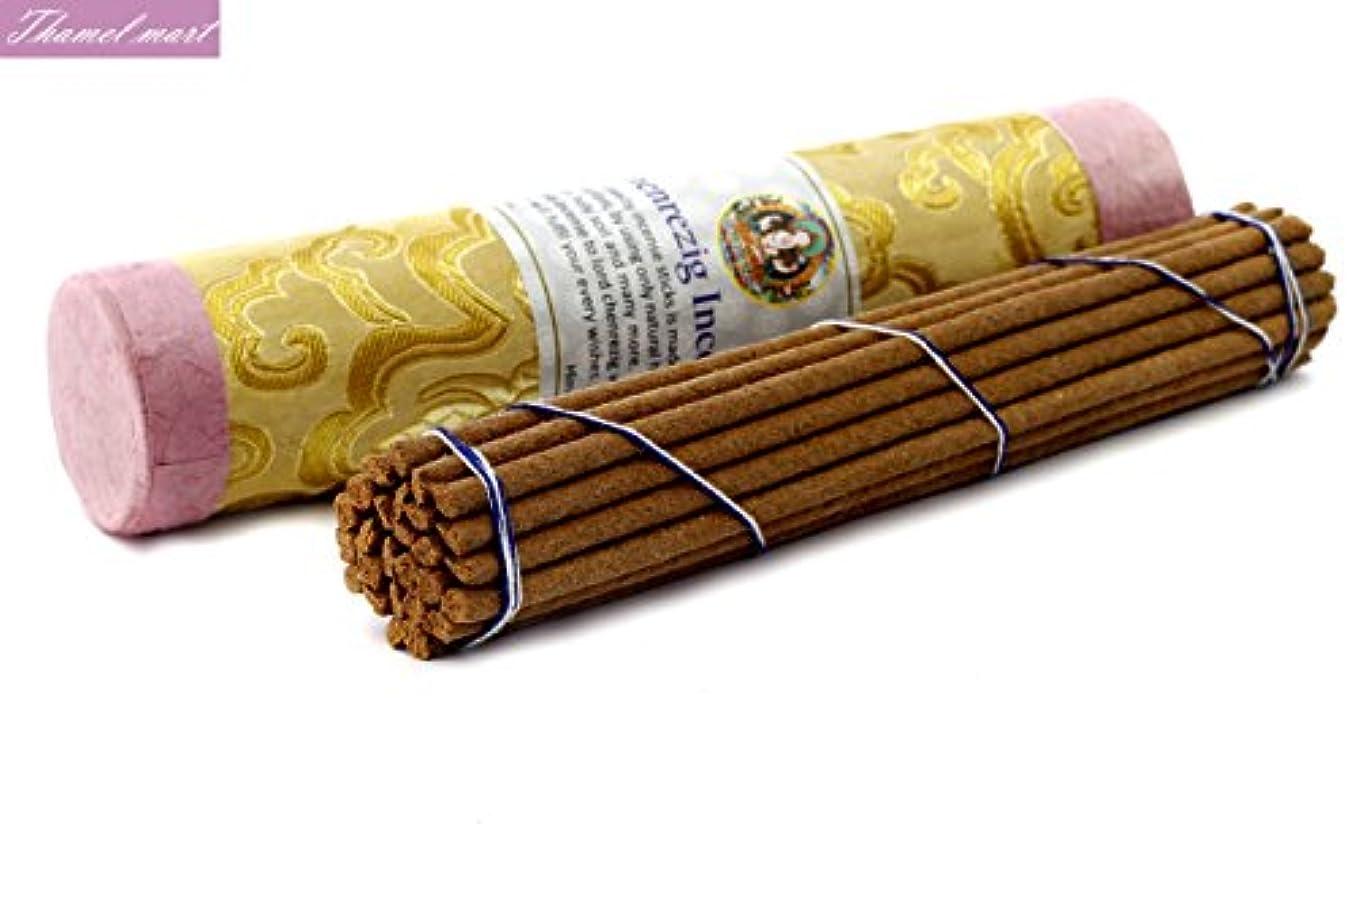 デコードする自分の力ですべてをする祈るchenrezing Tibetan Incense Sticks – Spiritual & Medicinal Relaxation Potpourrisより – 効果的& Scented Oils